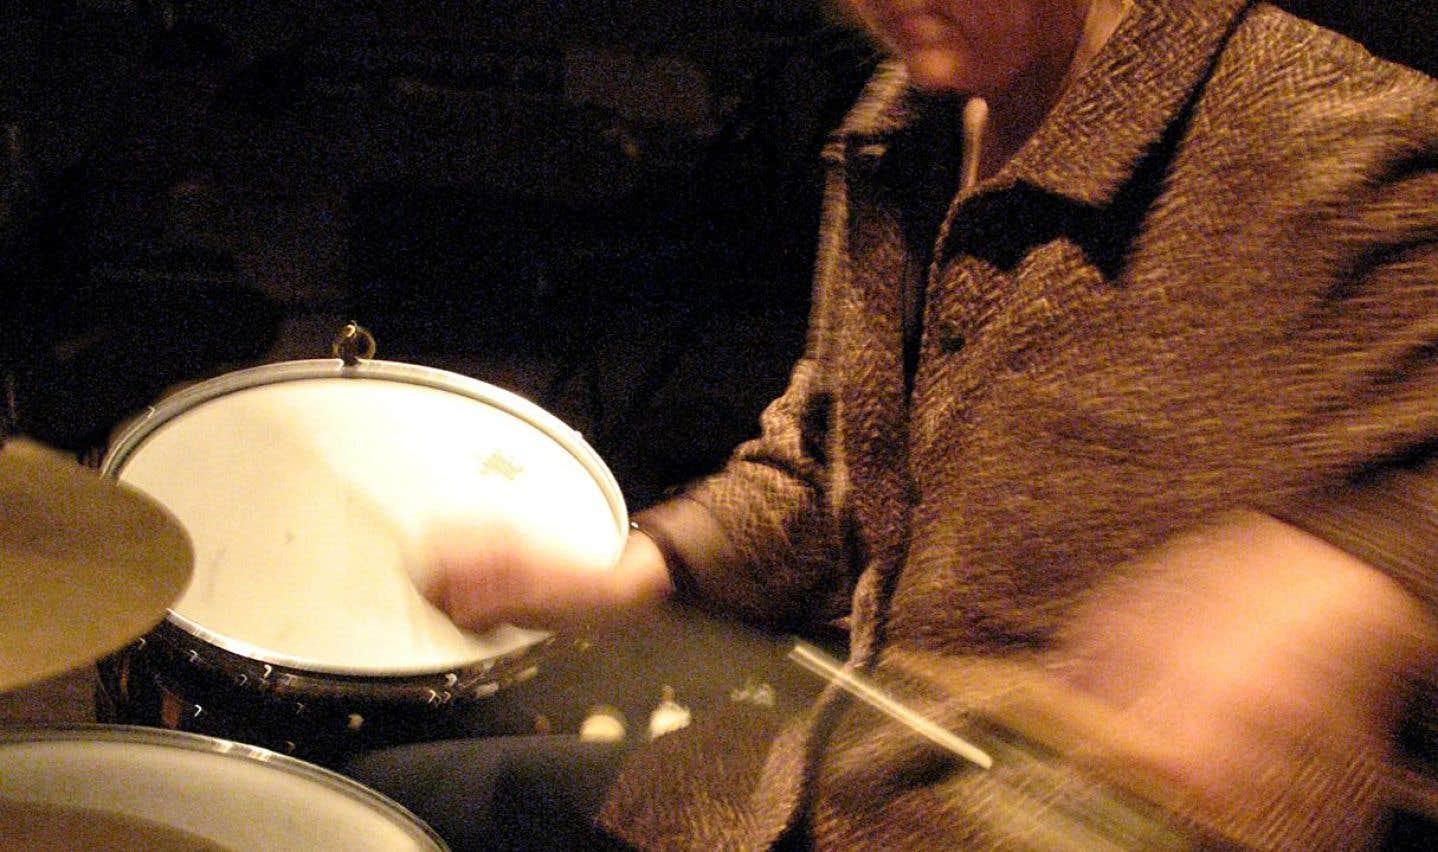 La compositrice, percussionniste et improvisatrice Danielle Palardy-Roger